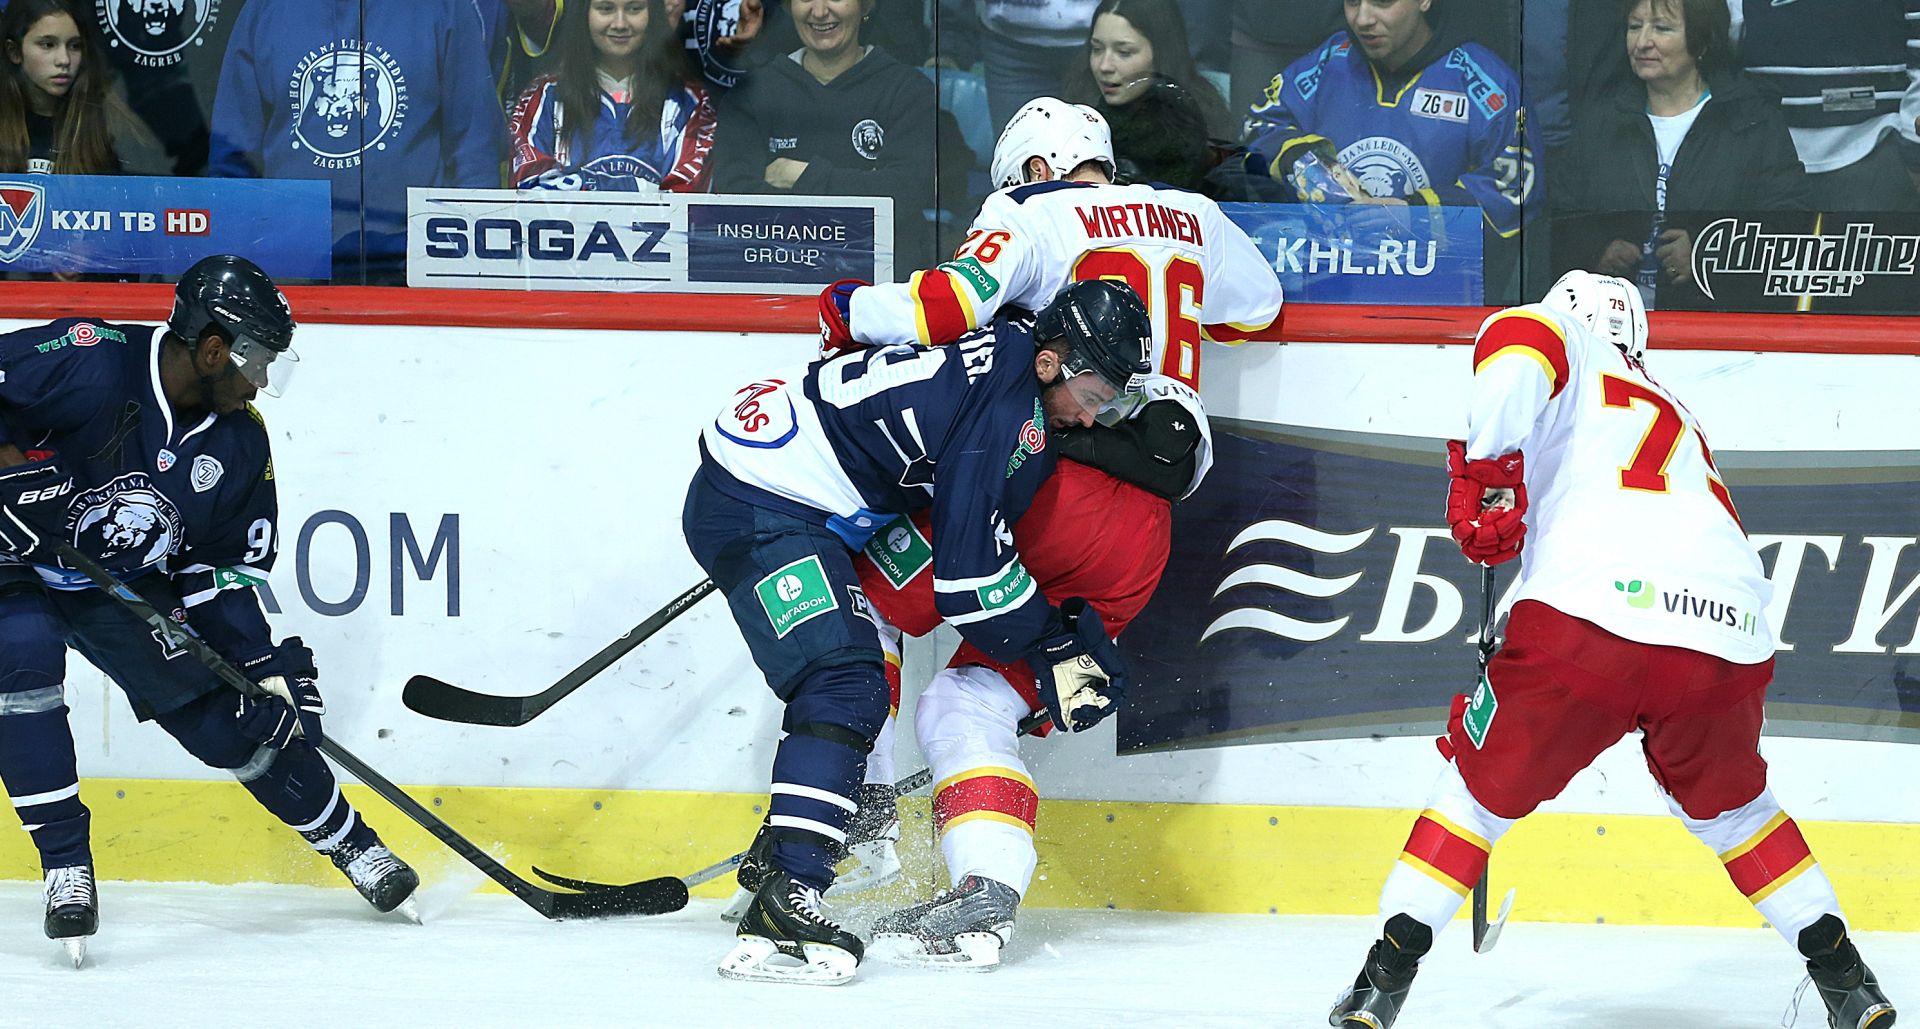 Slovački hokejaški reprezentativac novi član Medveščaka